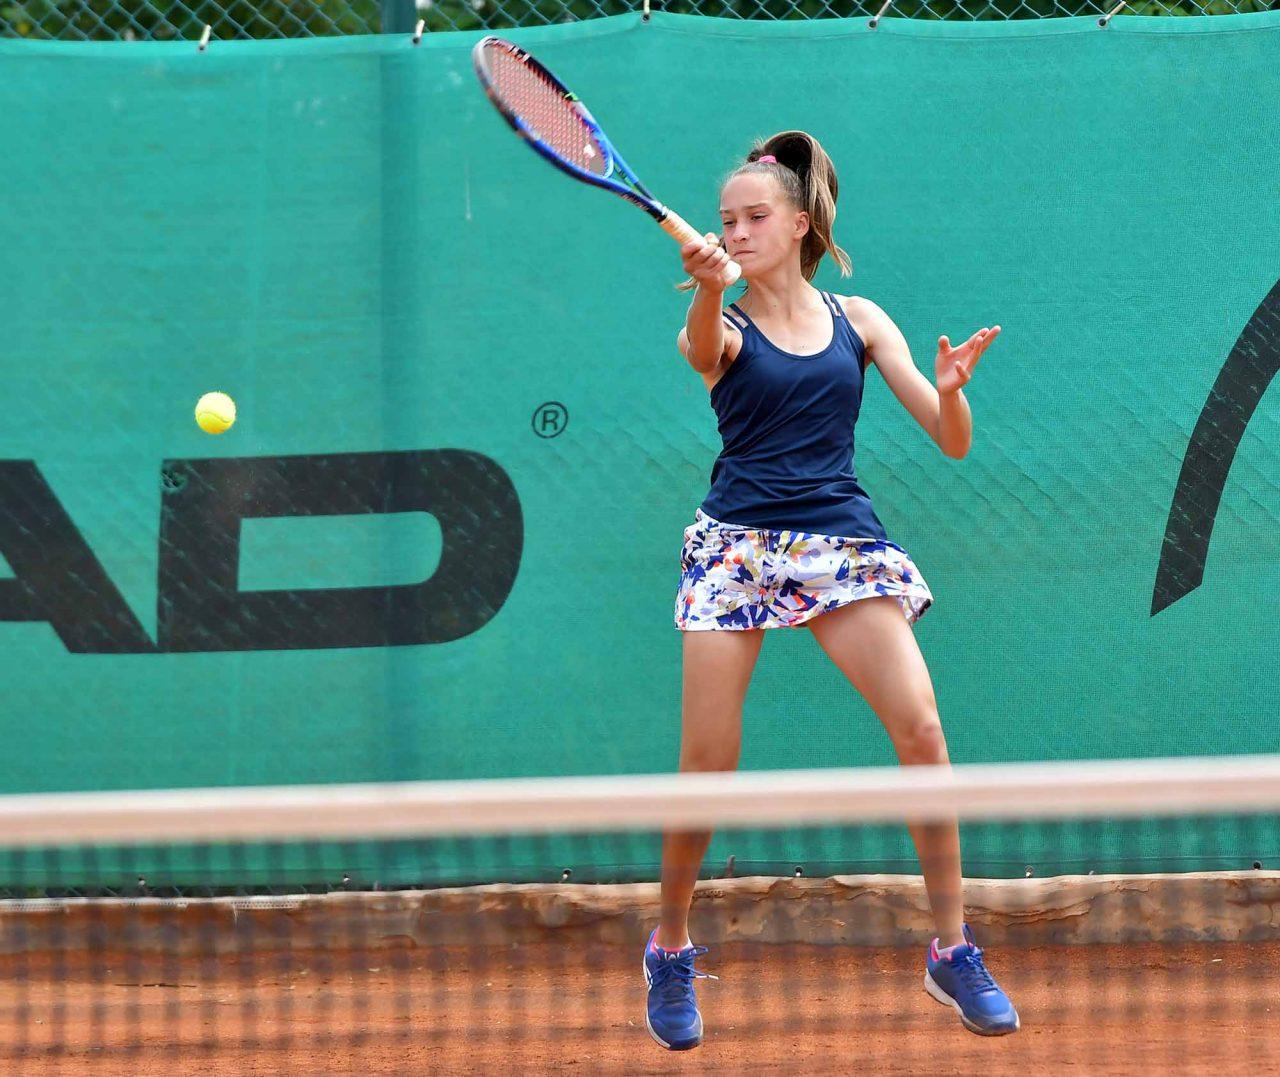 Държавно първенство тенис до 14 год. ТК 15-40 финал двойки (20)